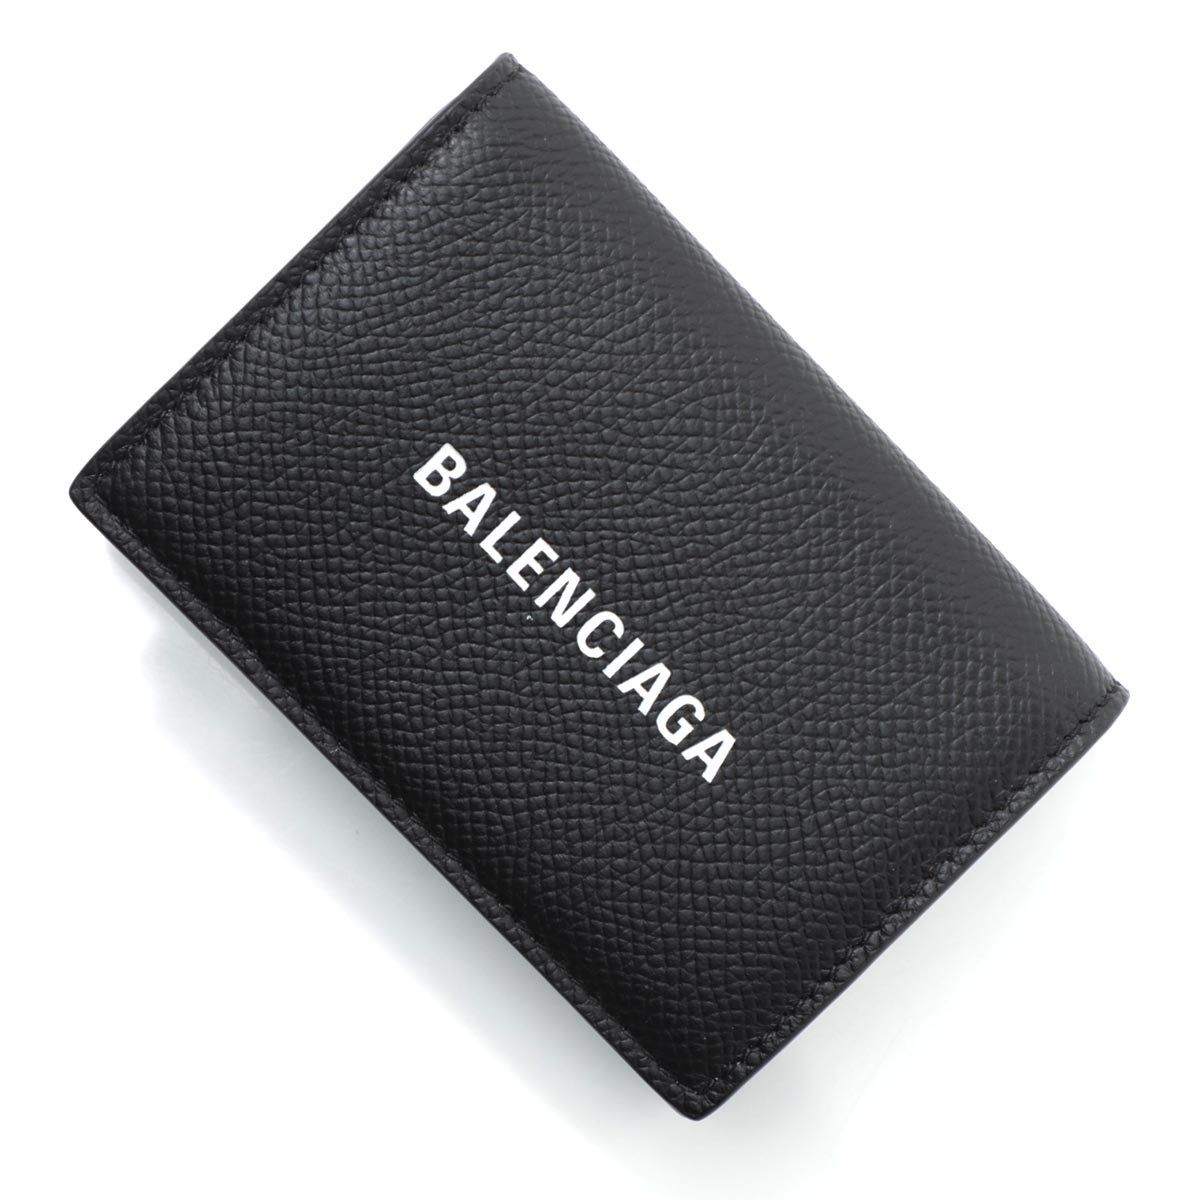 バレンシアガ BALENCIAGA 3つ折り 財布 小銭入れ付き ブラック メンズ ウォレット ギフト プレゼント 594312 0otv3 1090 CASH MINI WALLET【あす楽対応_関東】【返品送料無料】【ラッピング無料】